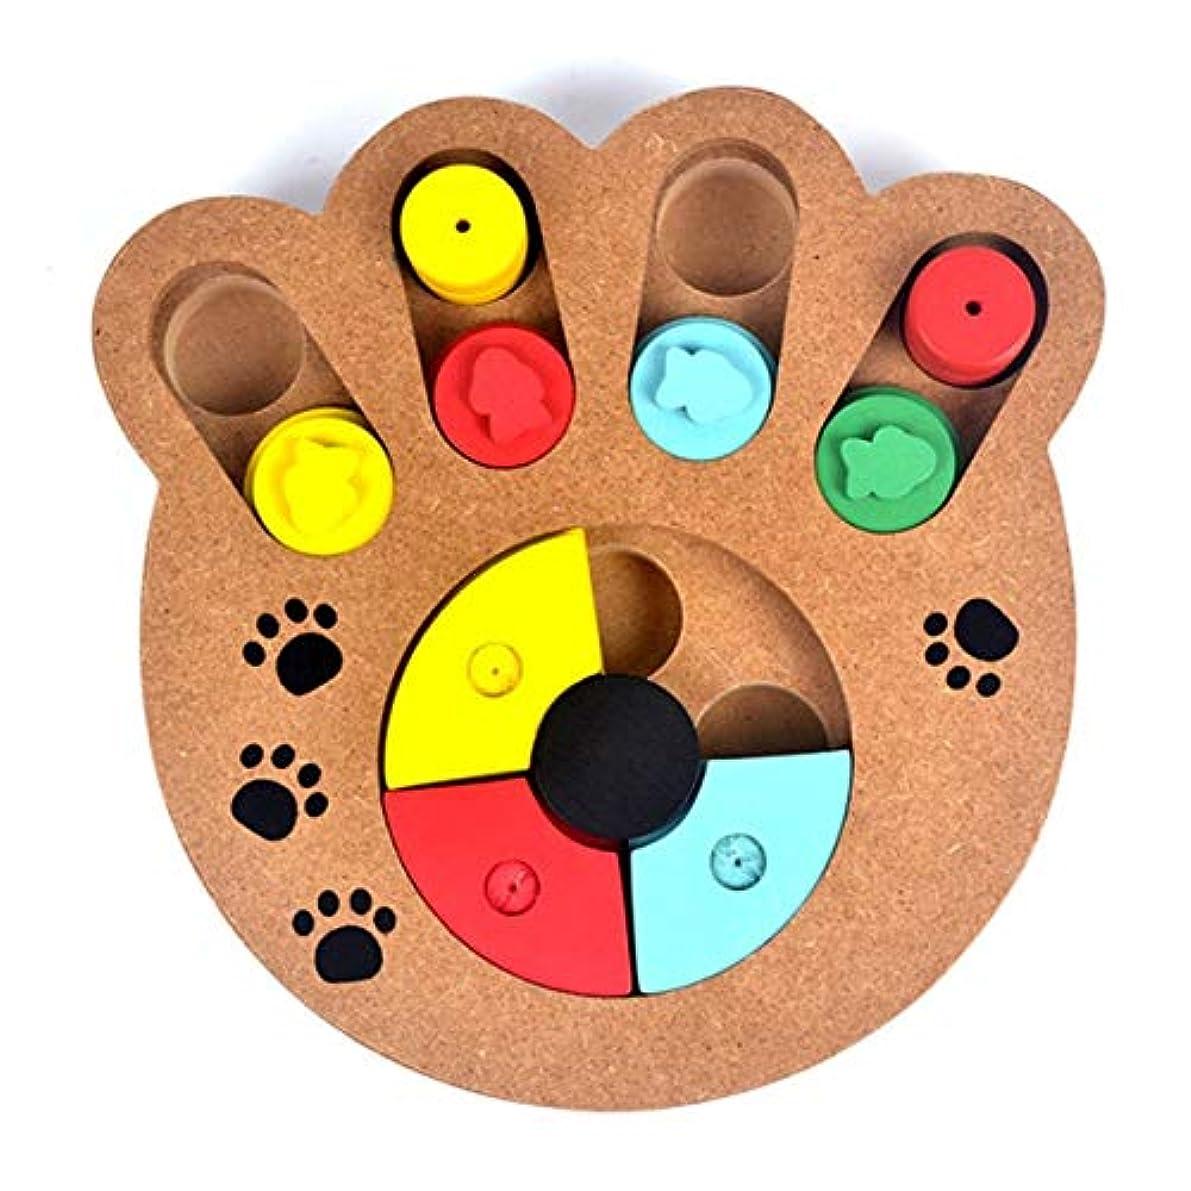 コンプライアンス滑る漏斗Saikogoods 多機能の自然食品は 子犬犬猫ペット用品のための木製教育ポウパズルインタラクティブ玩具扱い マルチカラーミックス